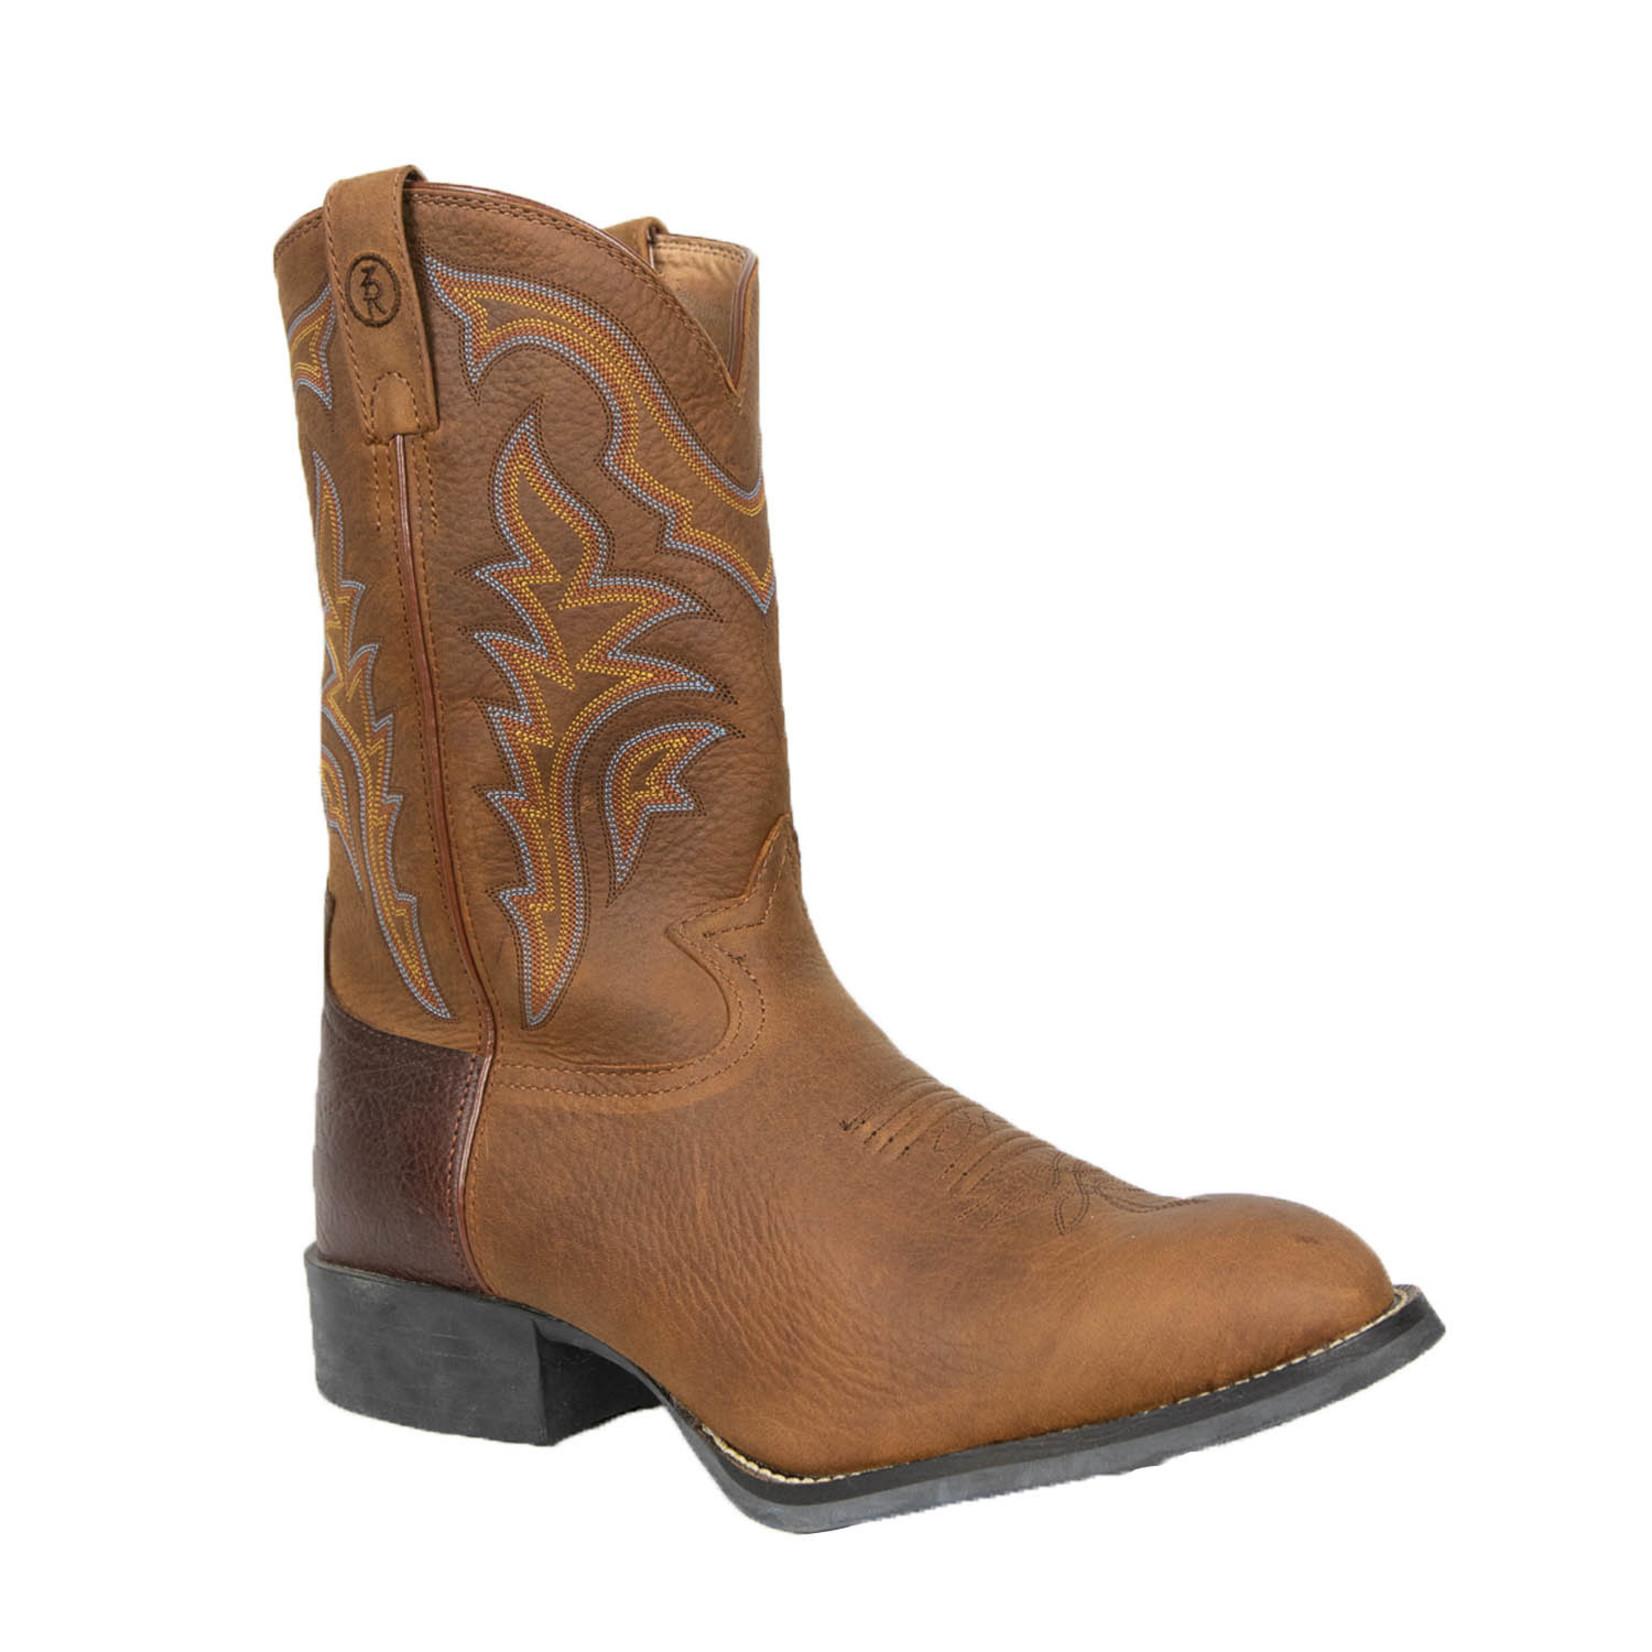 Tony Lama Tony Lama Men's Cowboy Boot 3R Series RR1100 11.5 2E